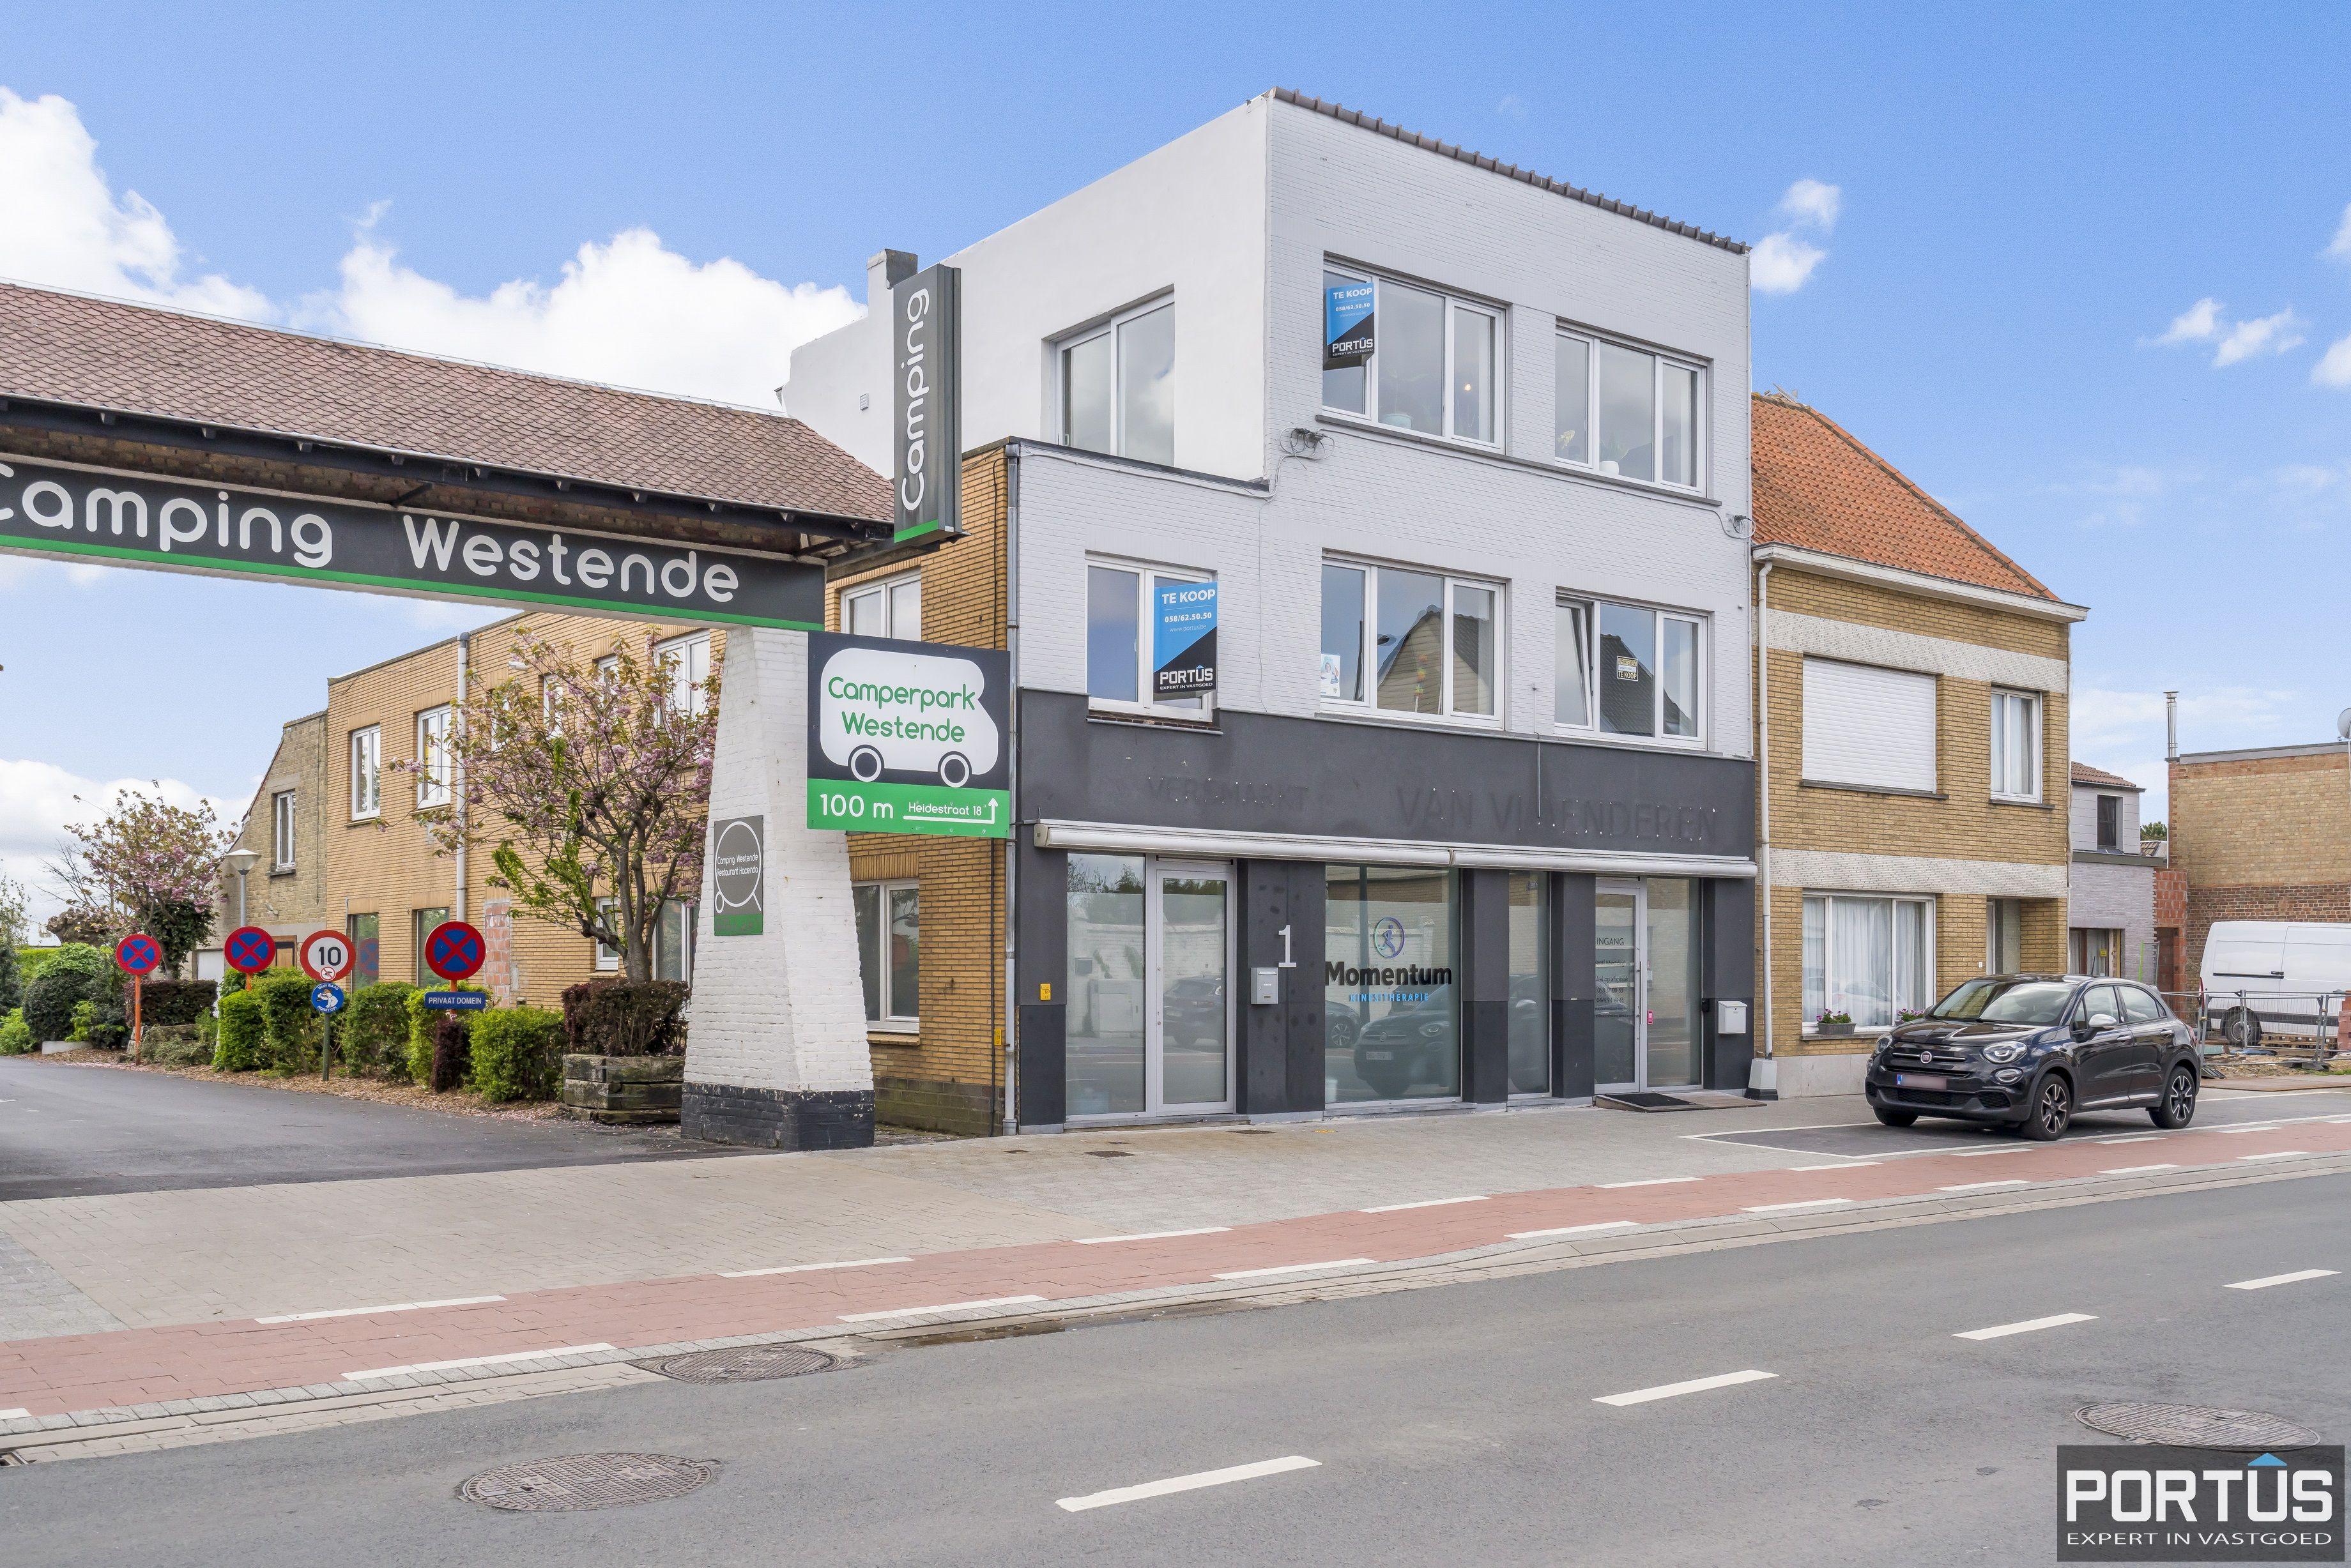 Appartement met 3 slaapkamers te koop te Westende - 12859